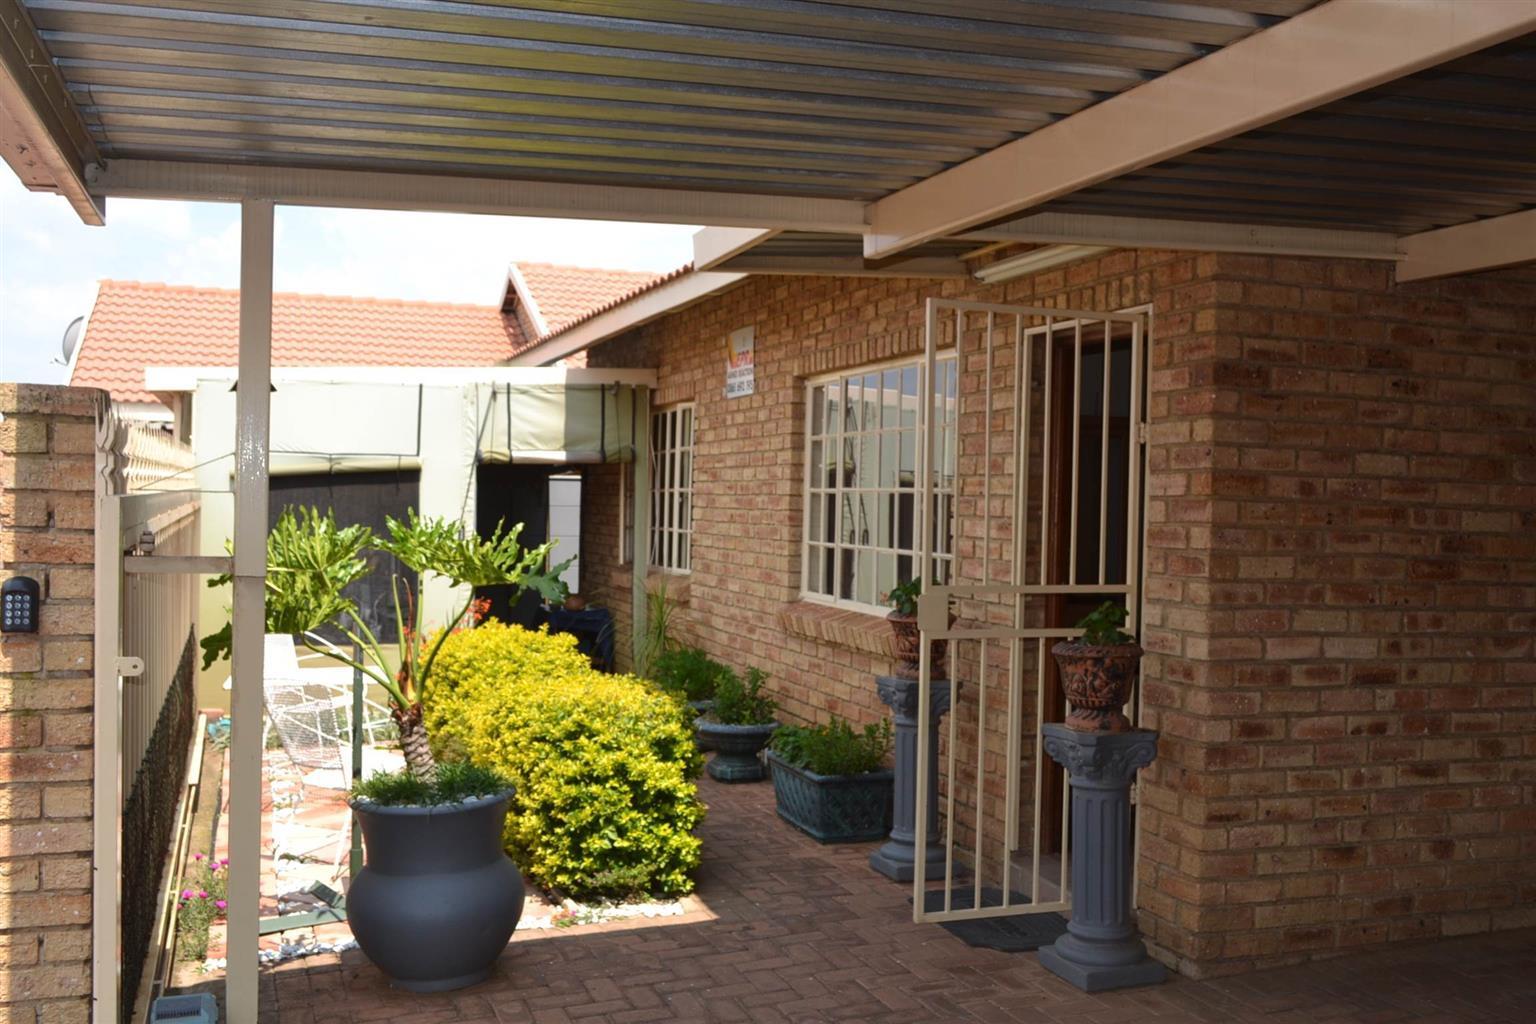 Eikepark Randfontein